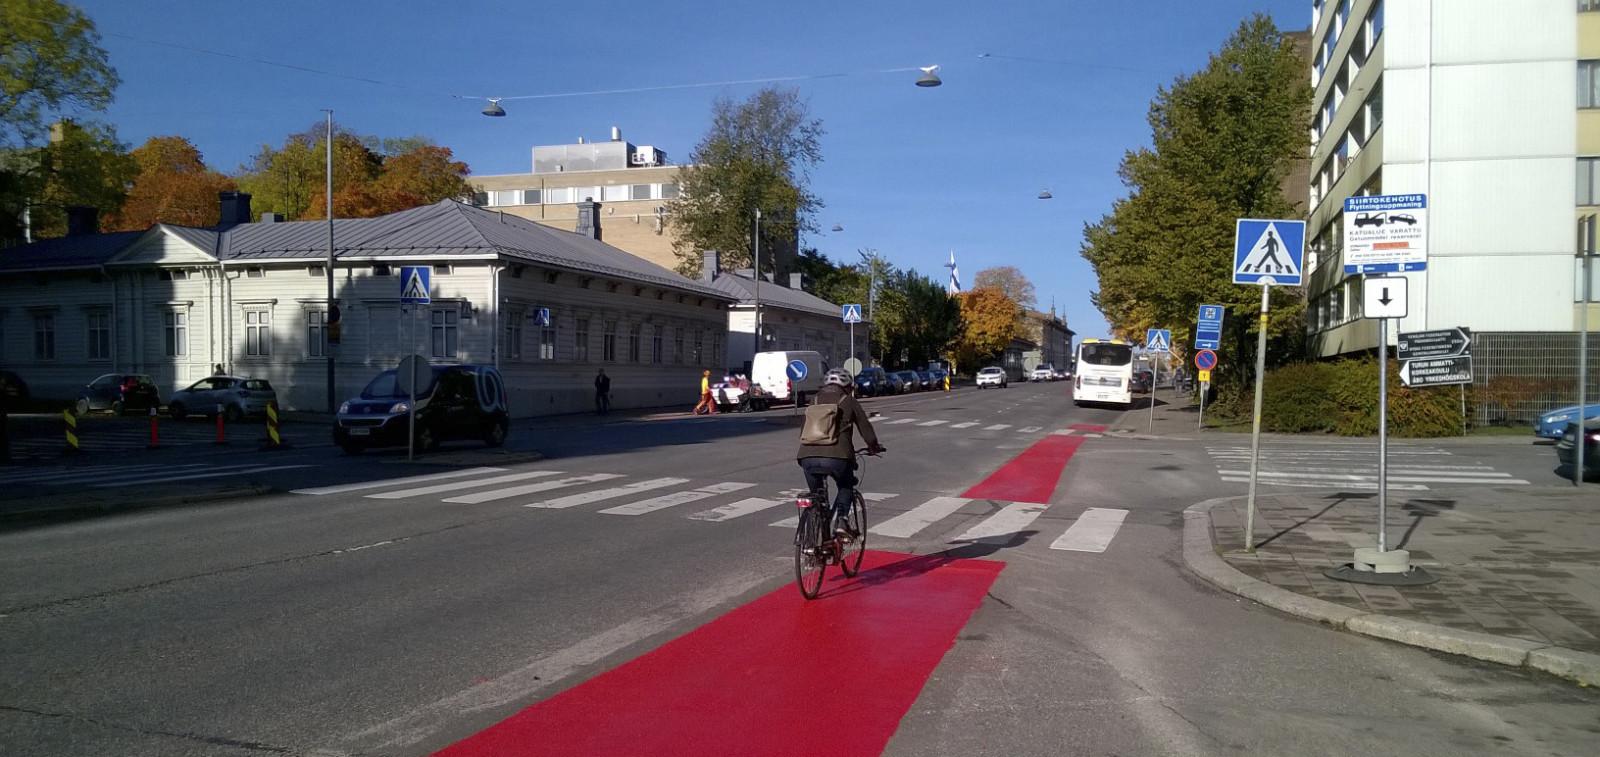 Pyöräilijä ajaa Kaskenkadulla uutta punaista pyöräkaistaa pitkin